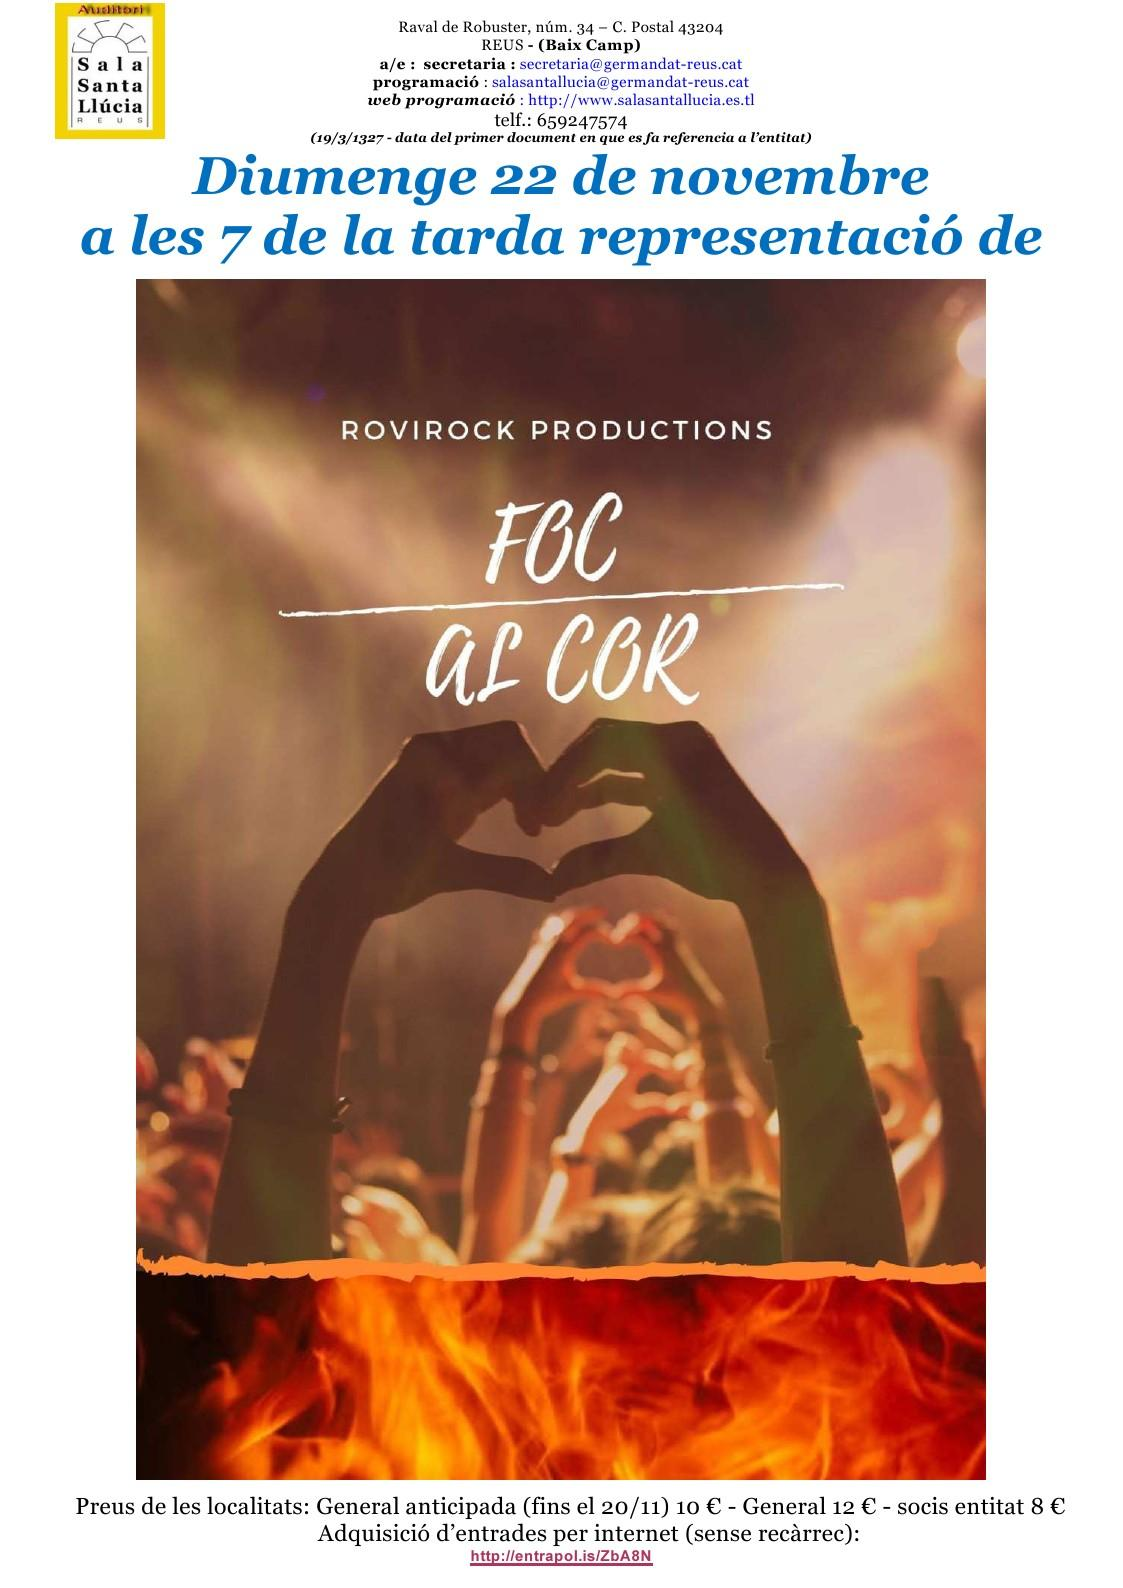 Sala Santa Llúcia: Representació del musical FOC AL COR, a càrrec de la companyia de teatre ROVIRAROCK PRODUCTIONS